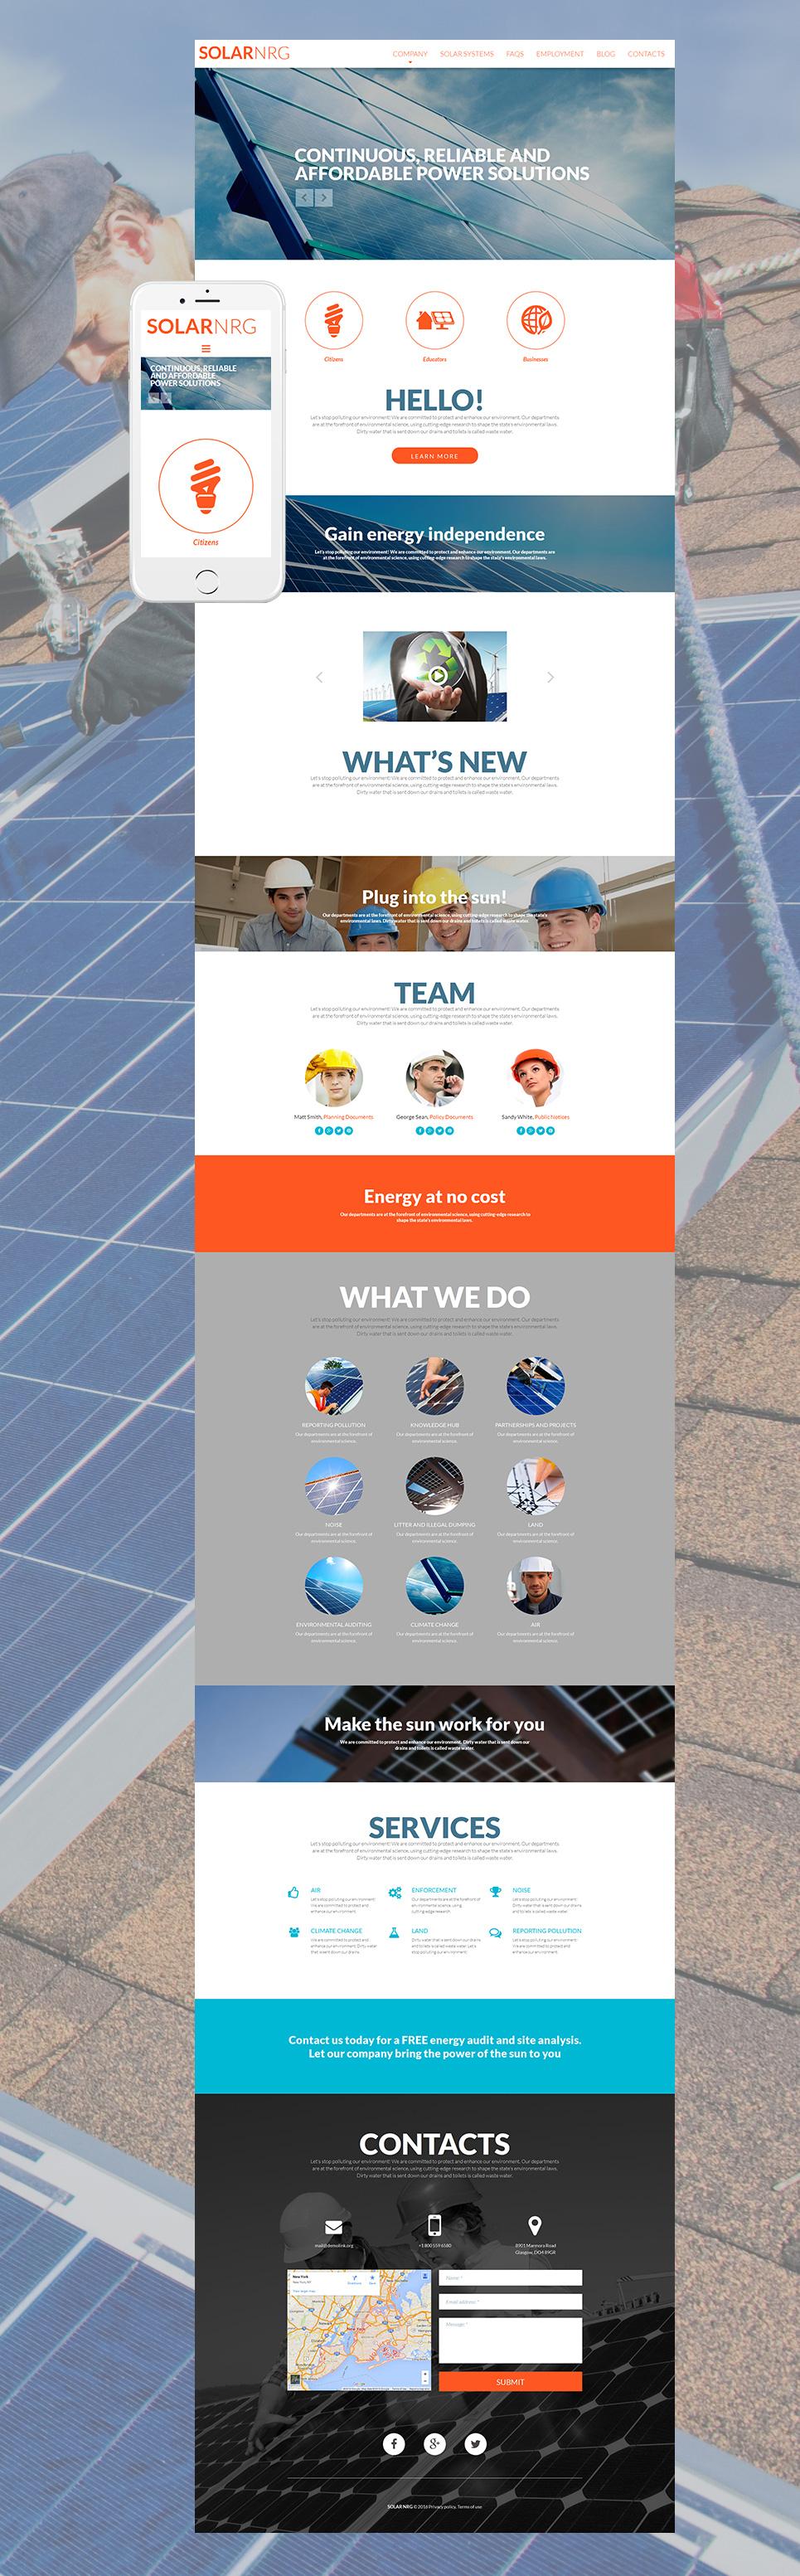 Alternative power company site